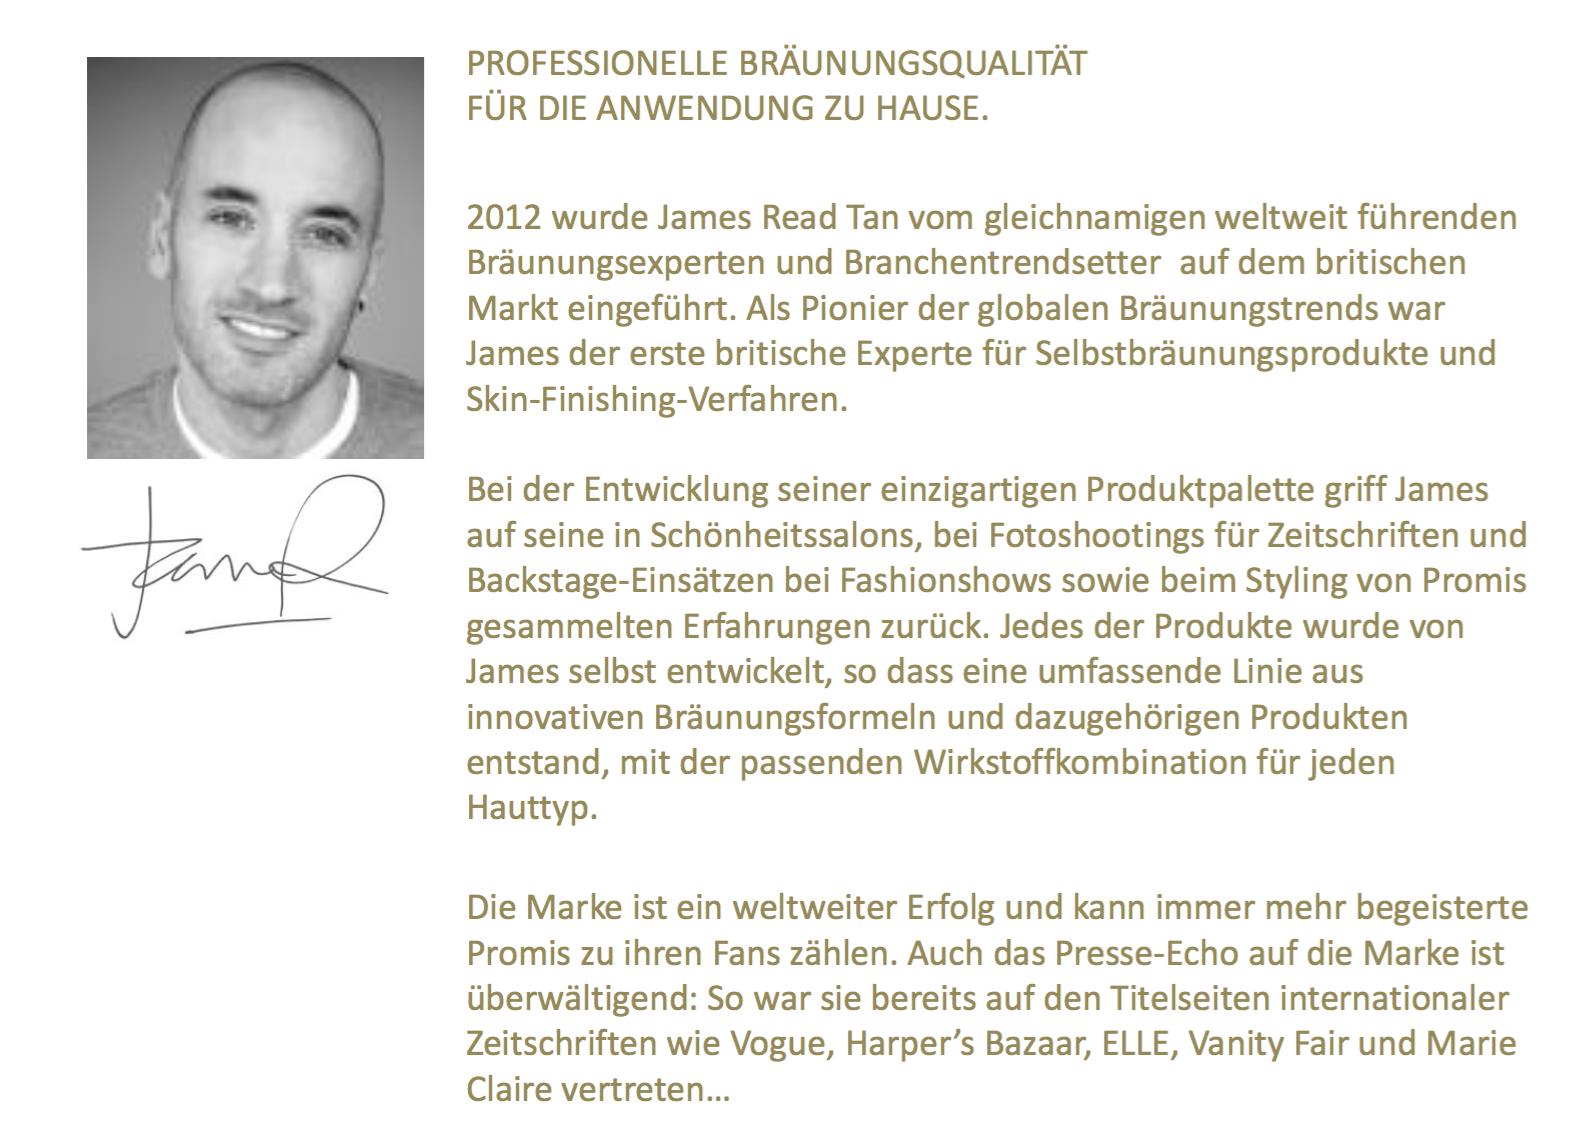 www.serenagoldenbaum.com